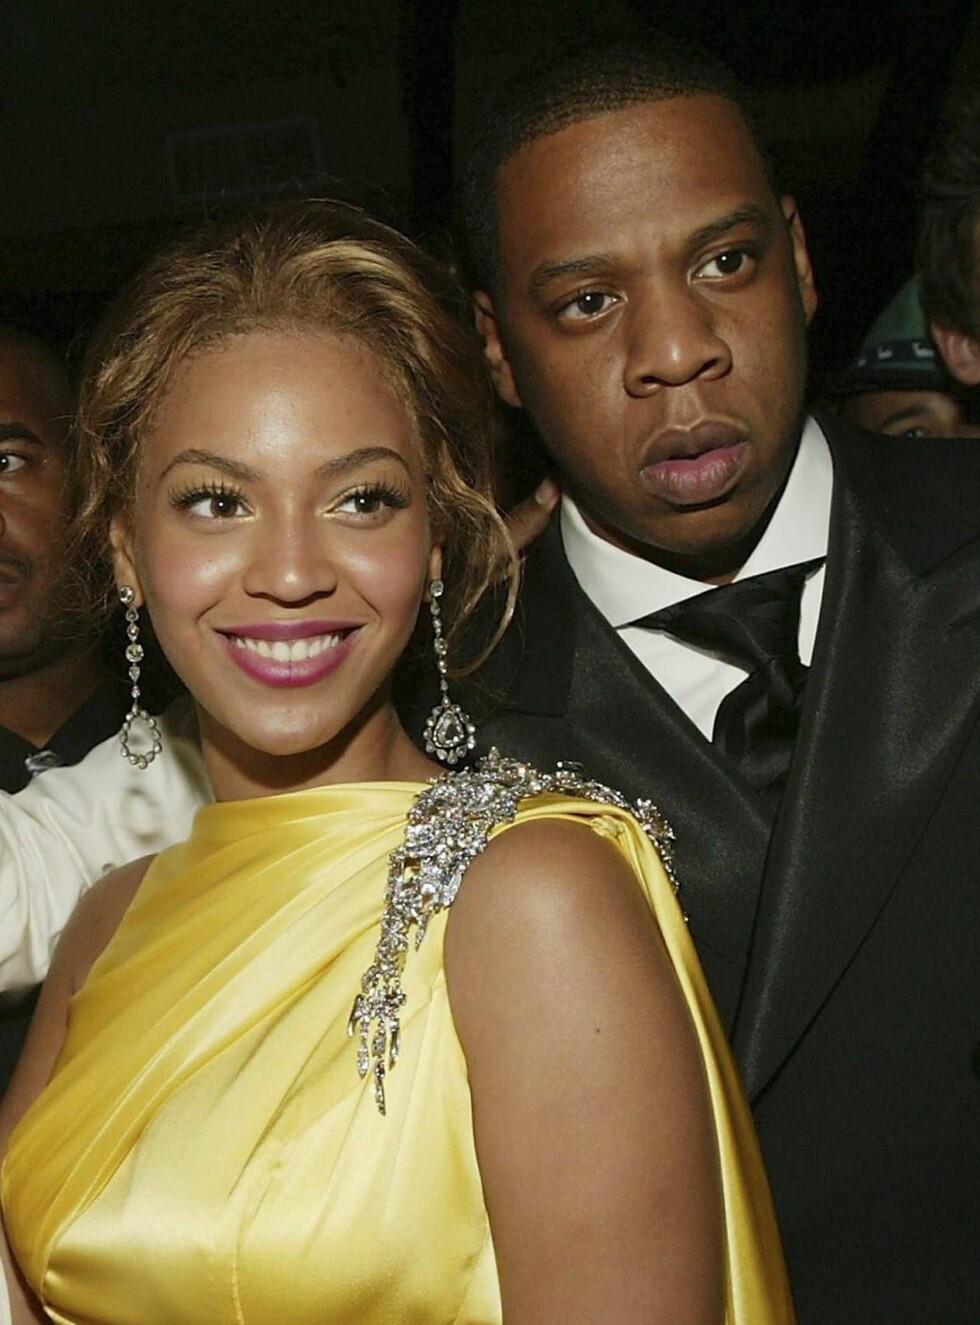 SAMMEN: Knowles og Jay-Z har vært sammen i fire år, noe som vil si en livstid i stjerneverdenen. Foto: All Over Press